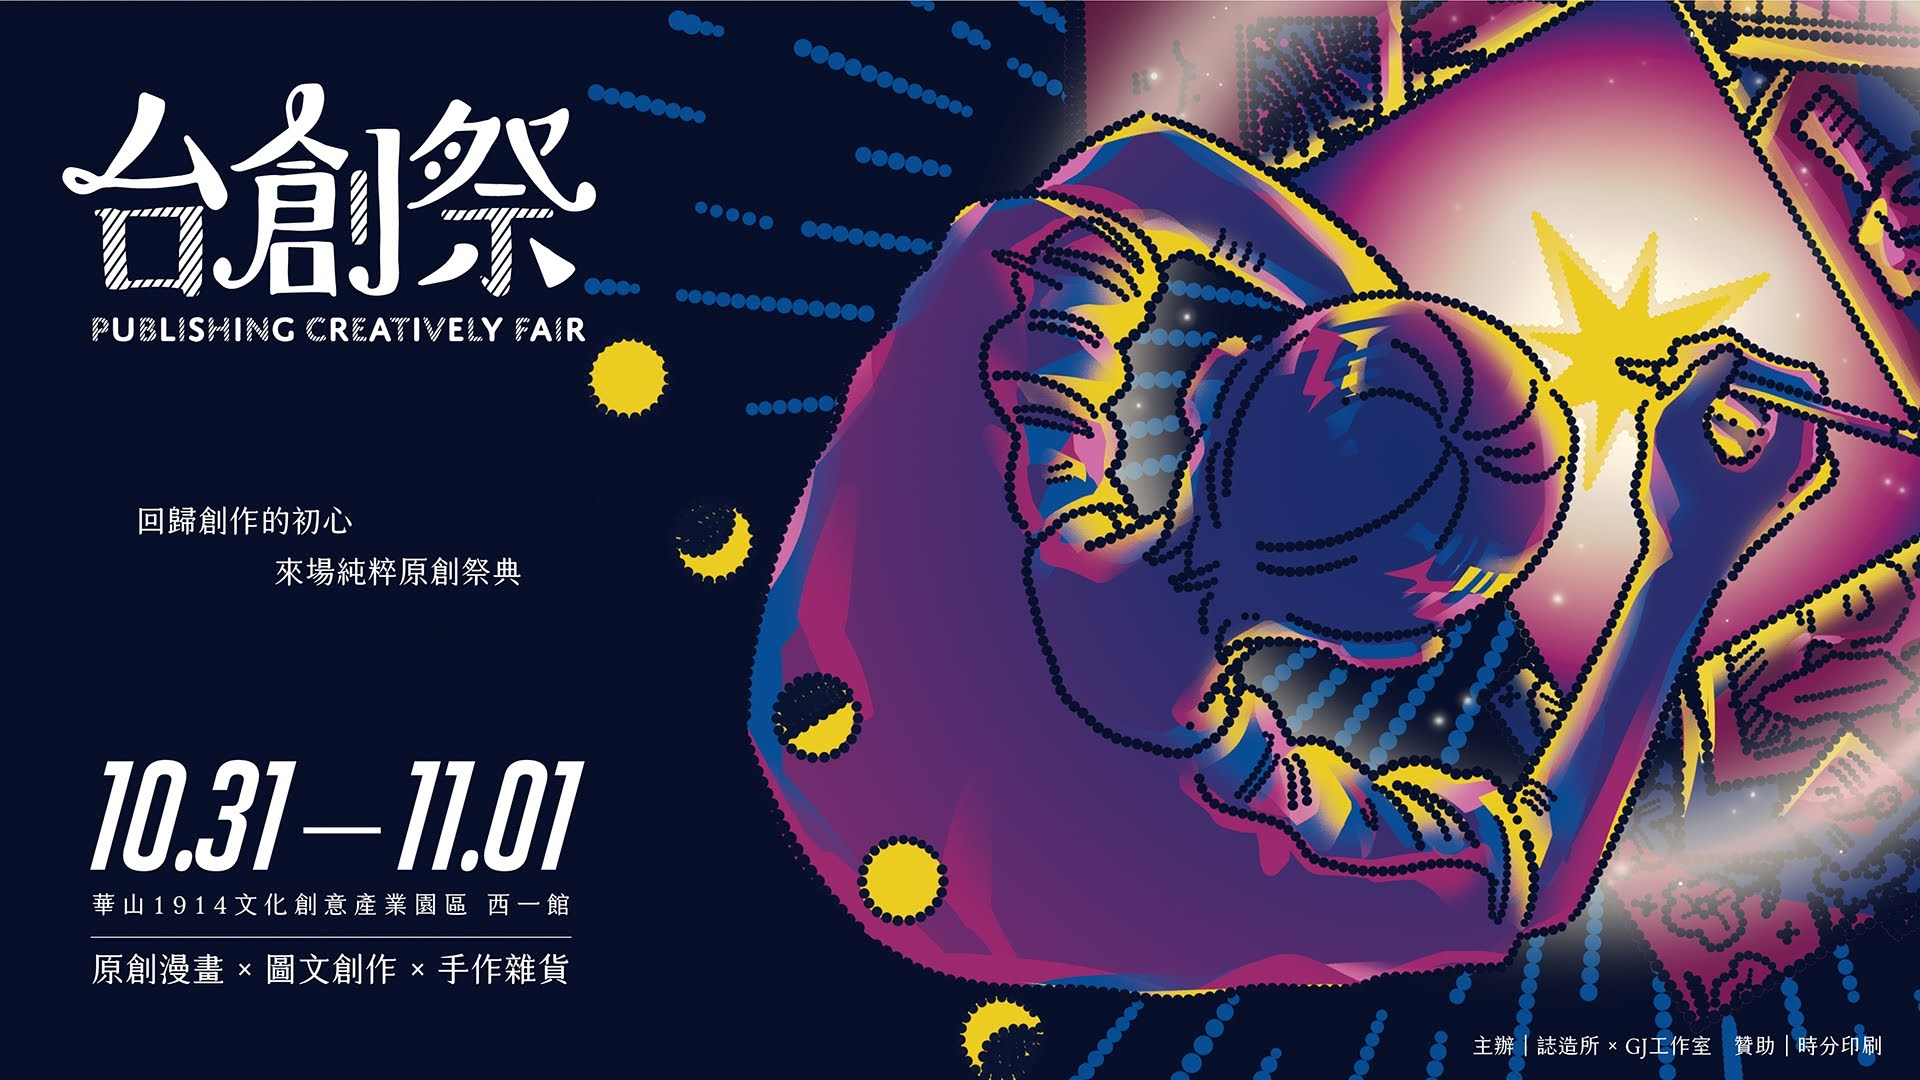 漫畫x插畫x手作 「 台創祭 」 本周華山熱鬧展出